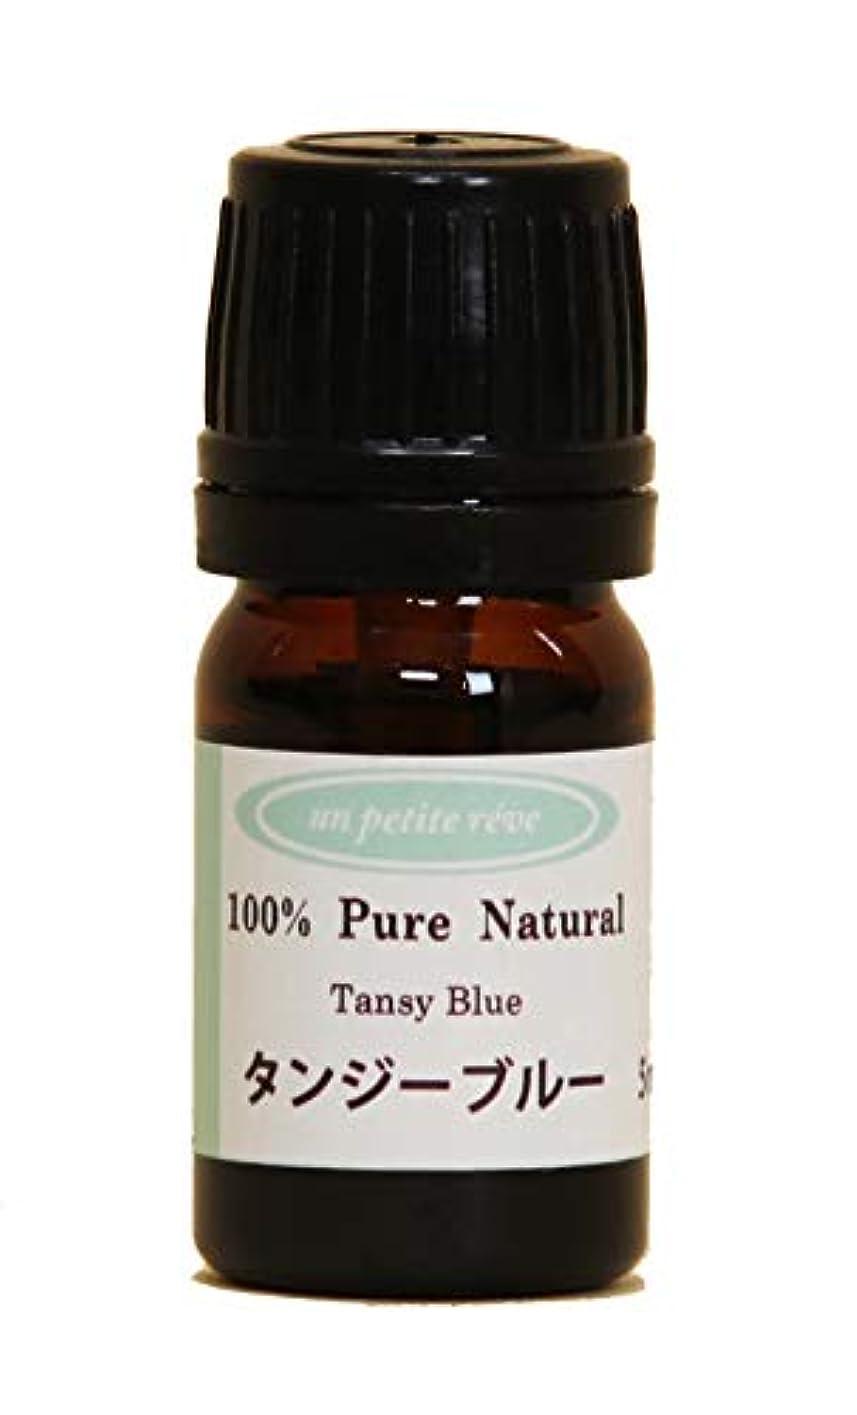 タンジーブルー 5ml 100%天然アロマエッセンシャルオイル(精油)